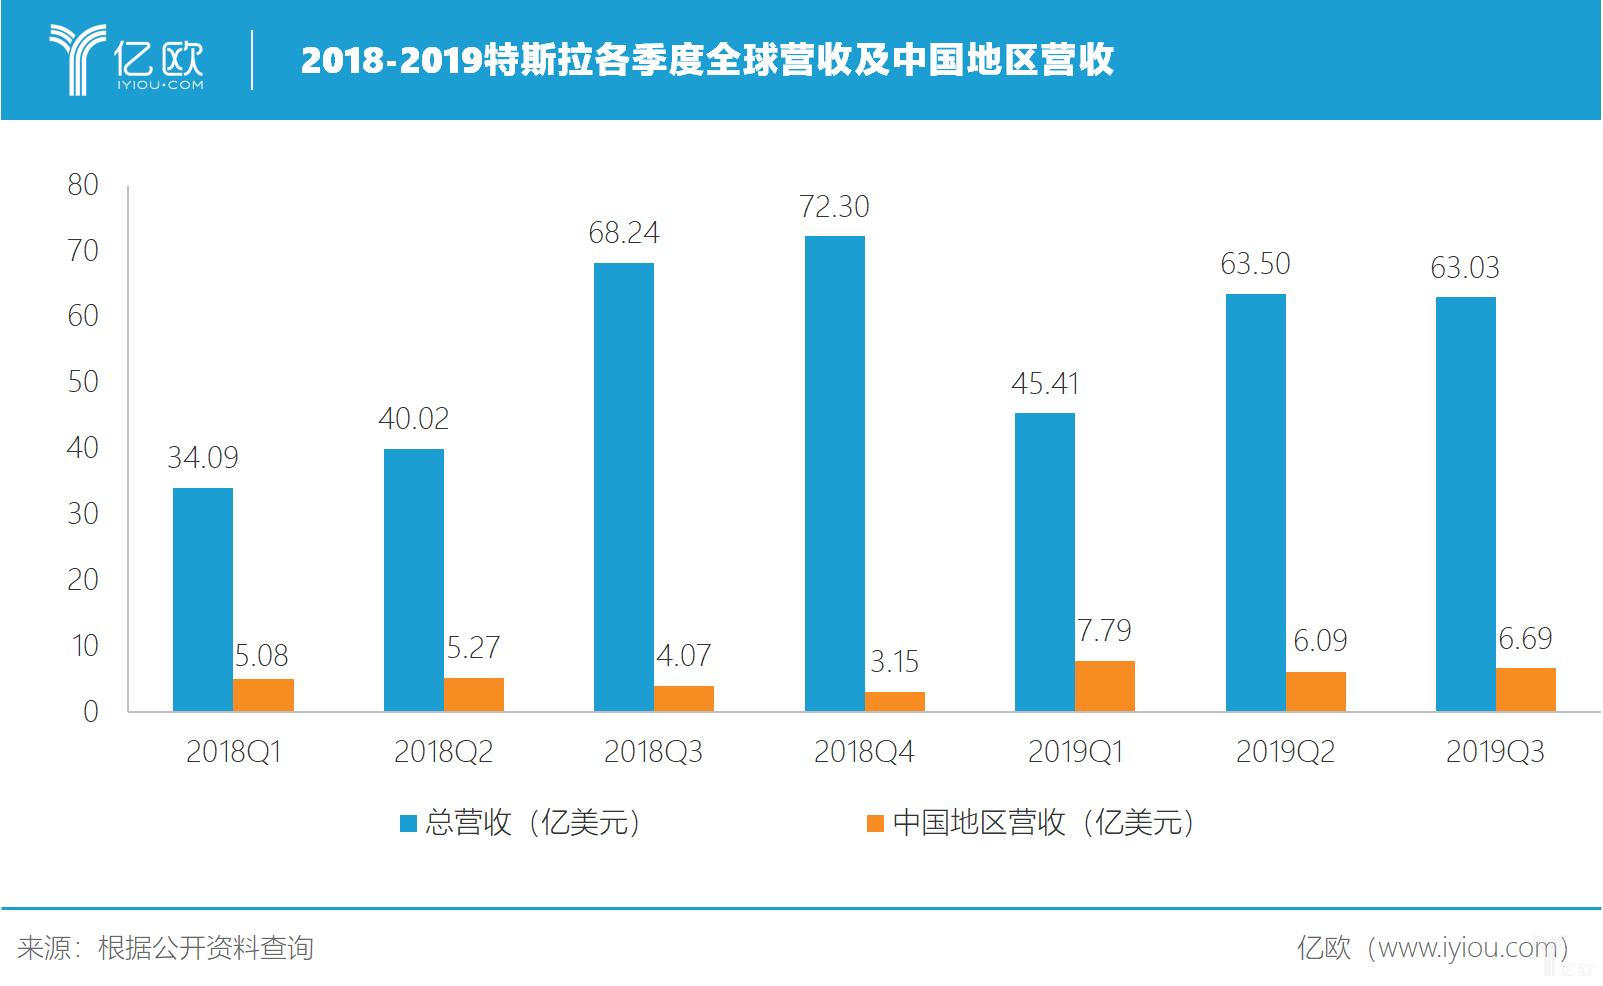 2018-2019特斯拉全球及中国地区营收